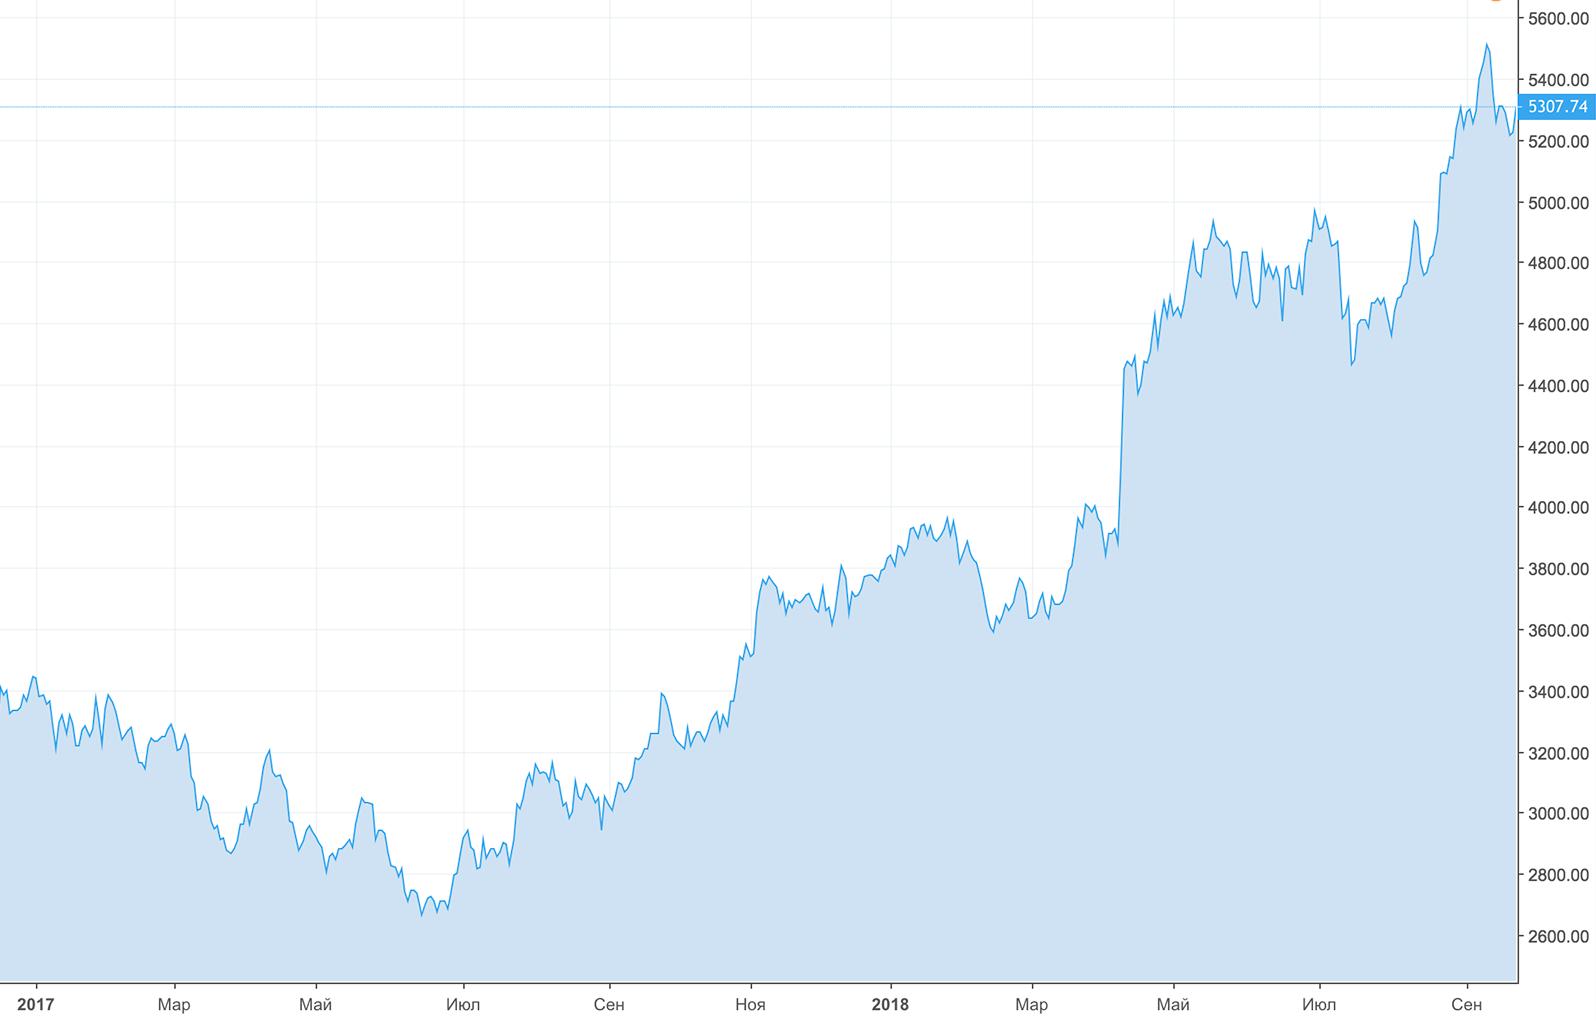 Цена на нефть в рублях. График — Tradingview.com